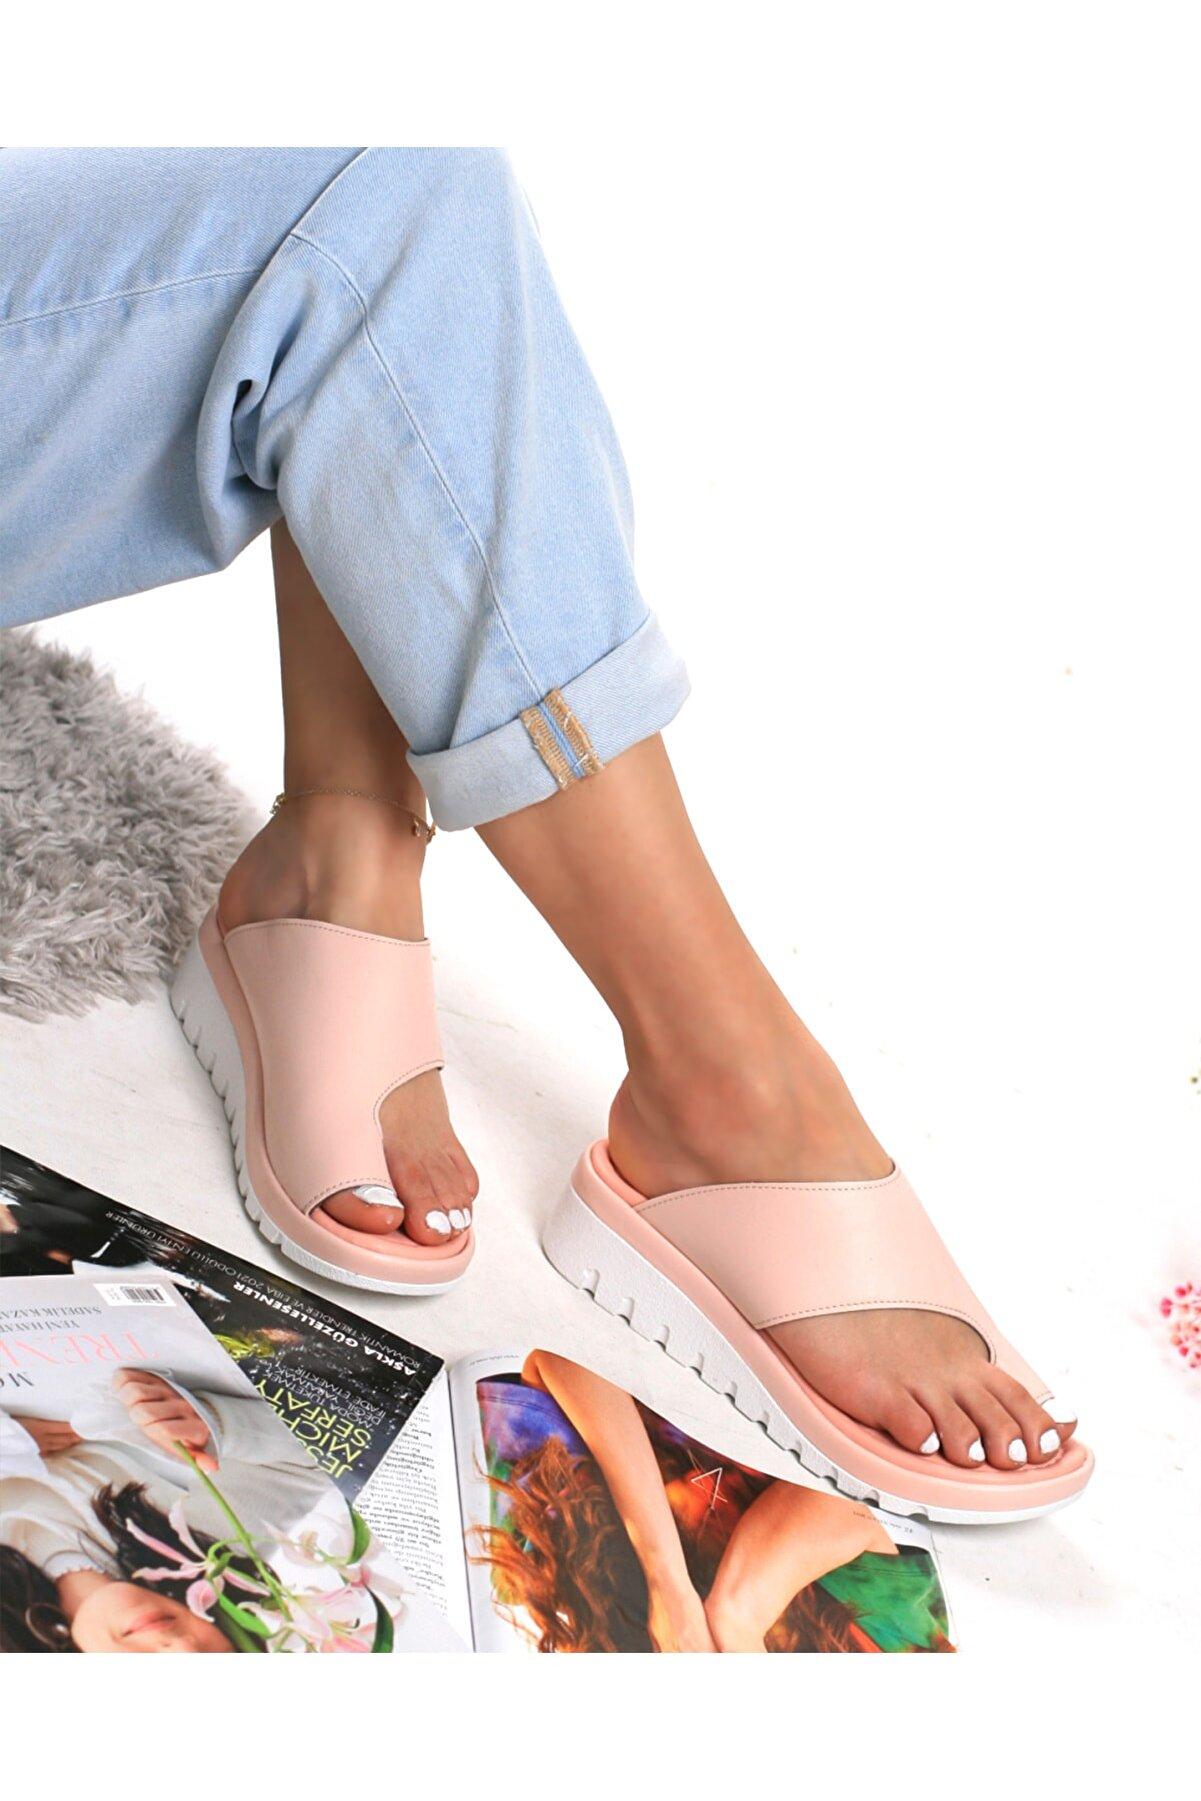 medcezirsuat Karla Pudra Rengi Kadın Ortopedik Parmak Arası Terlik